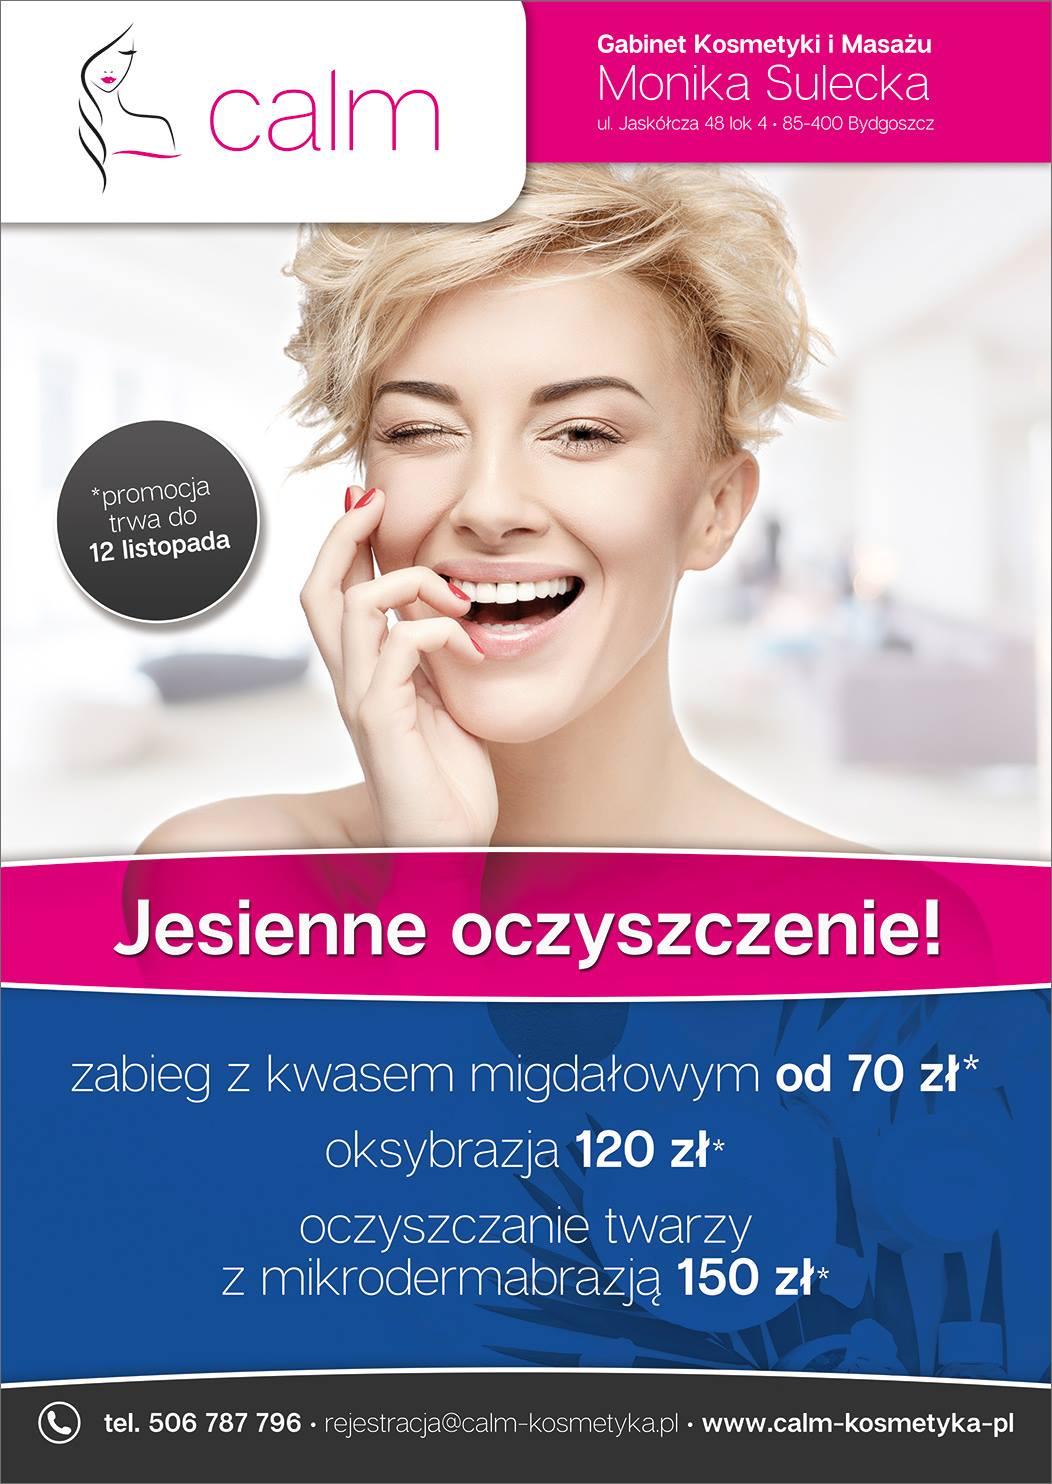 gabinet kosmetyki imasażu Bydgoszcz salon kosmetyczny oksybrazja zabieg zkwasem migdałowym oczyszczanie twarzy mikrodermabrazja